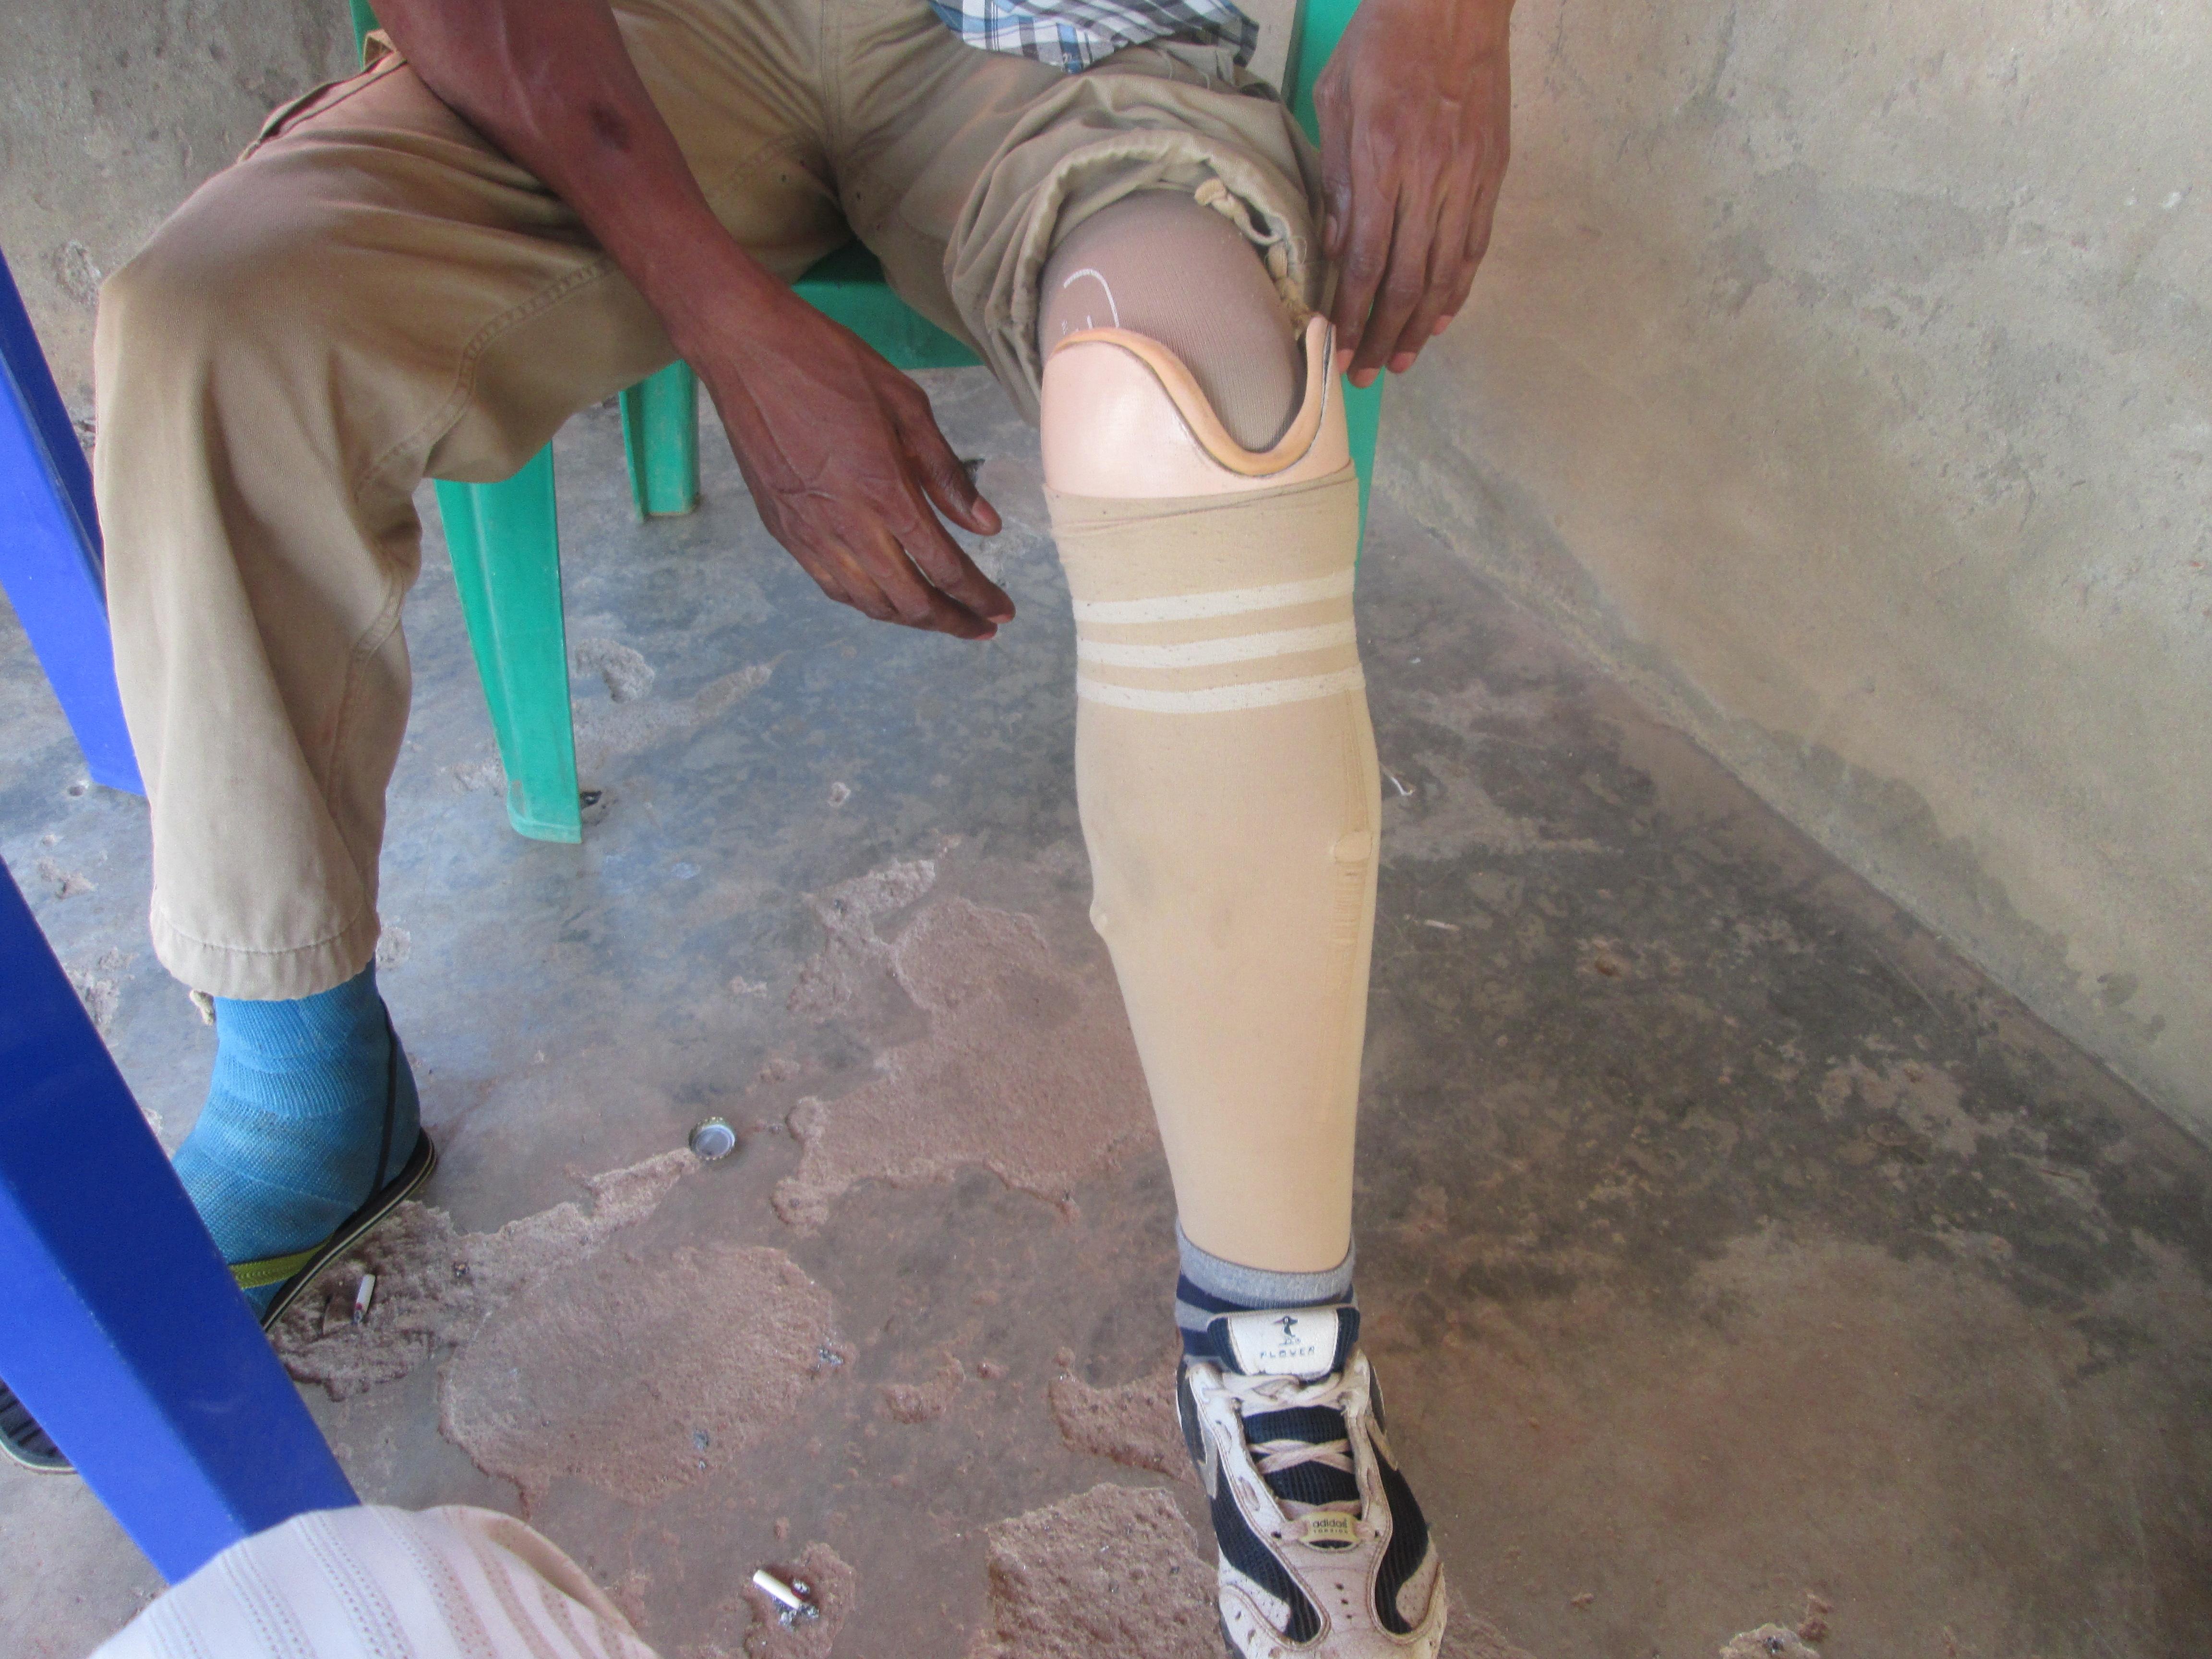 Nwibani-Prosthesis 3